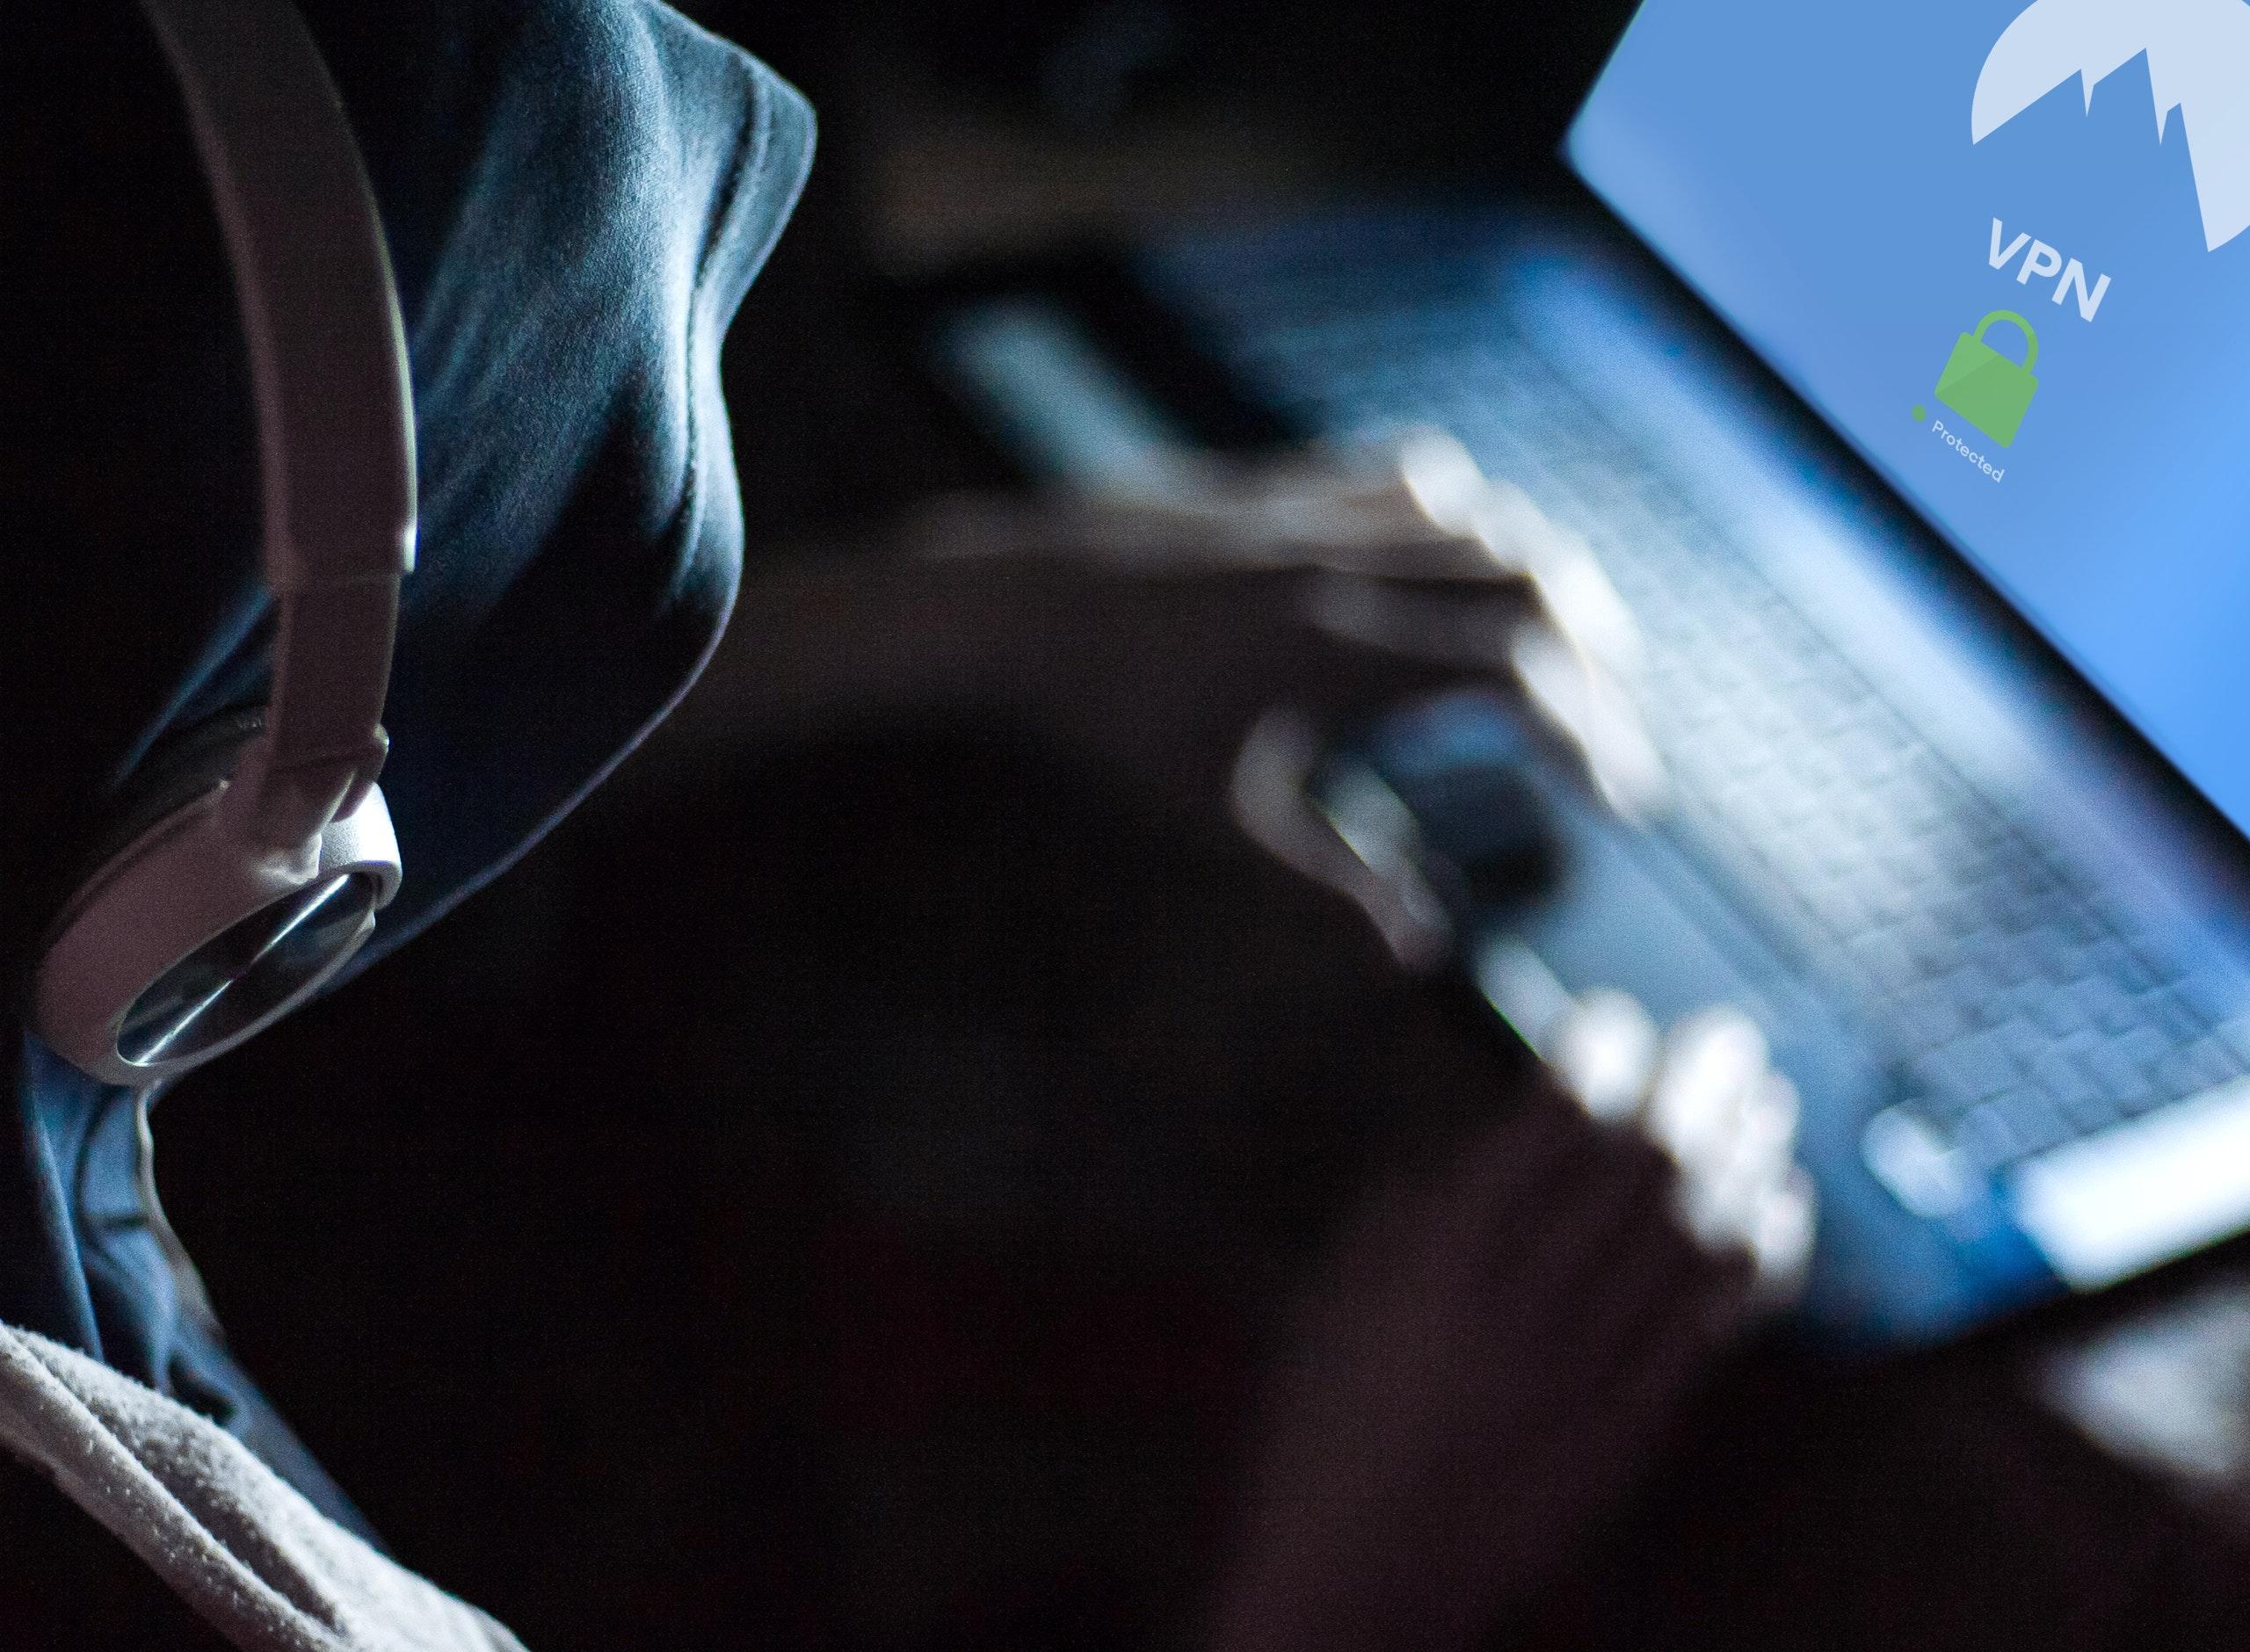 hoodie, headphones, computer, vpn